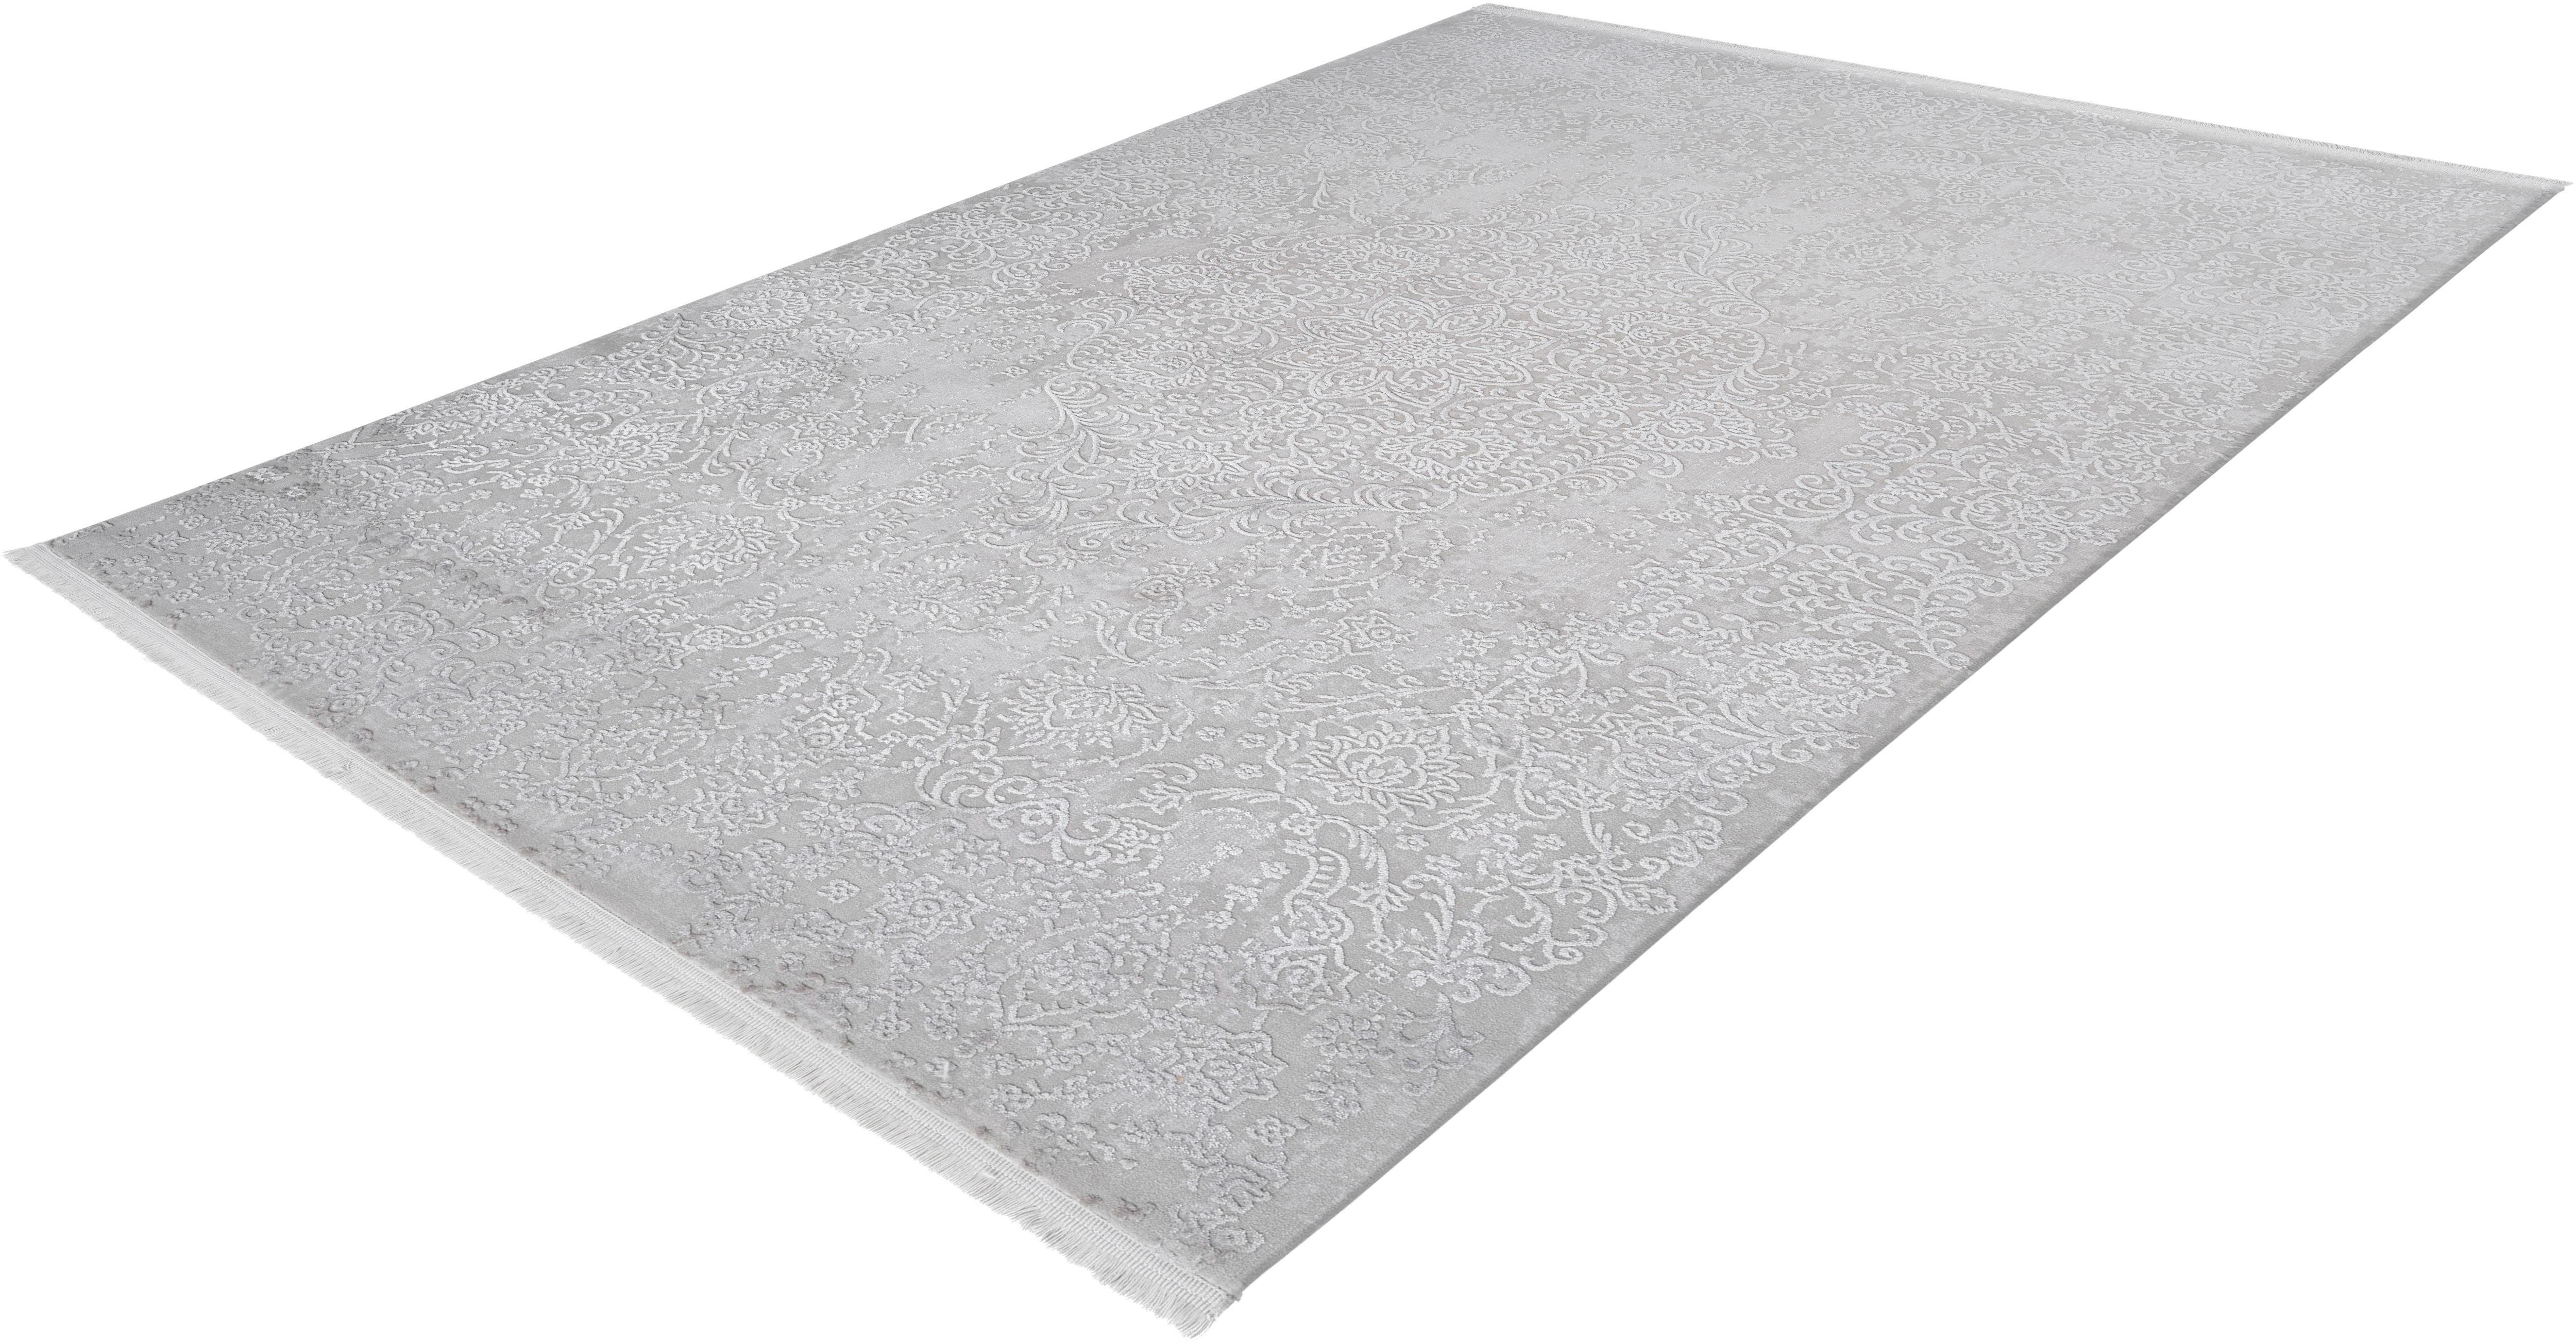 Teppich Arlos 802 calo-deluxe rechteckig Höhe 12 mm maschinell gewebt